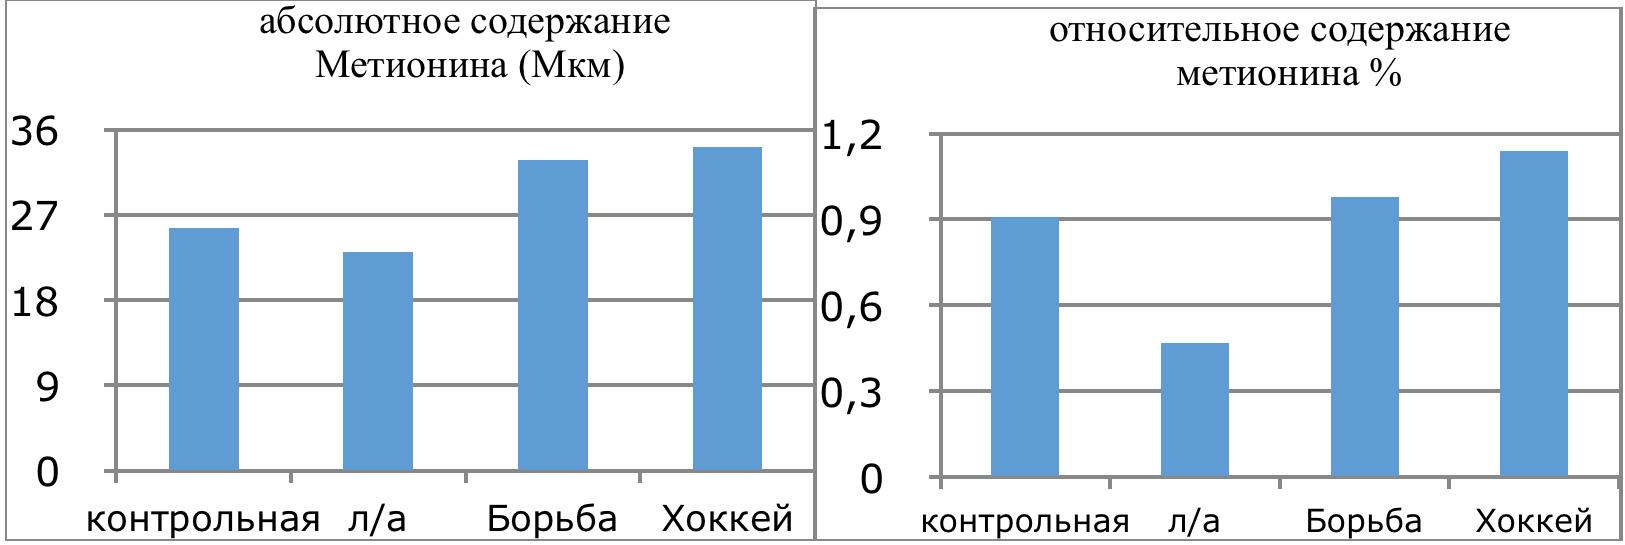 4.11 Графическое изображение количества метионина в плазме крови спортсменов разных видов спорта и в зависимости от уровня квалификации